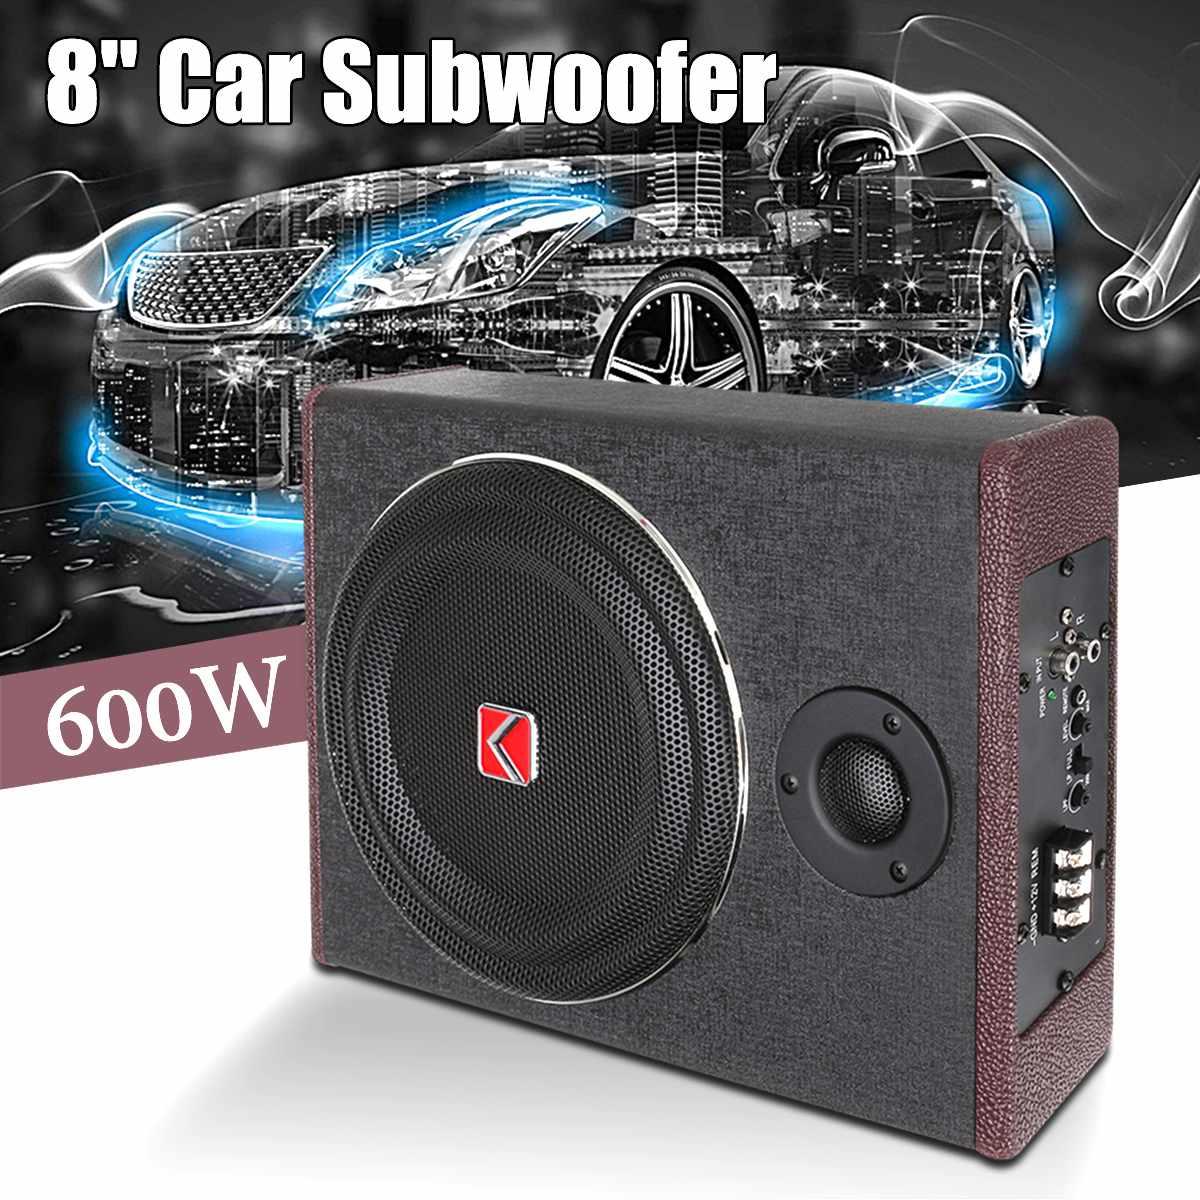 Altavoz para coche de 8 pulgadas y 600W, Subwoofer activo para coche, Subwoofer delgado para coche, amplificador de Subwoofers para coches Supergraves